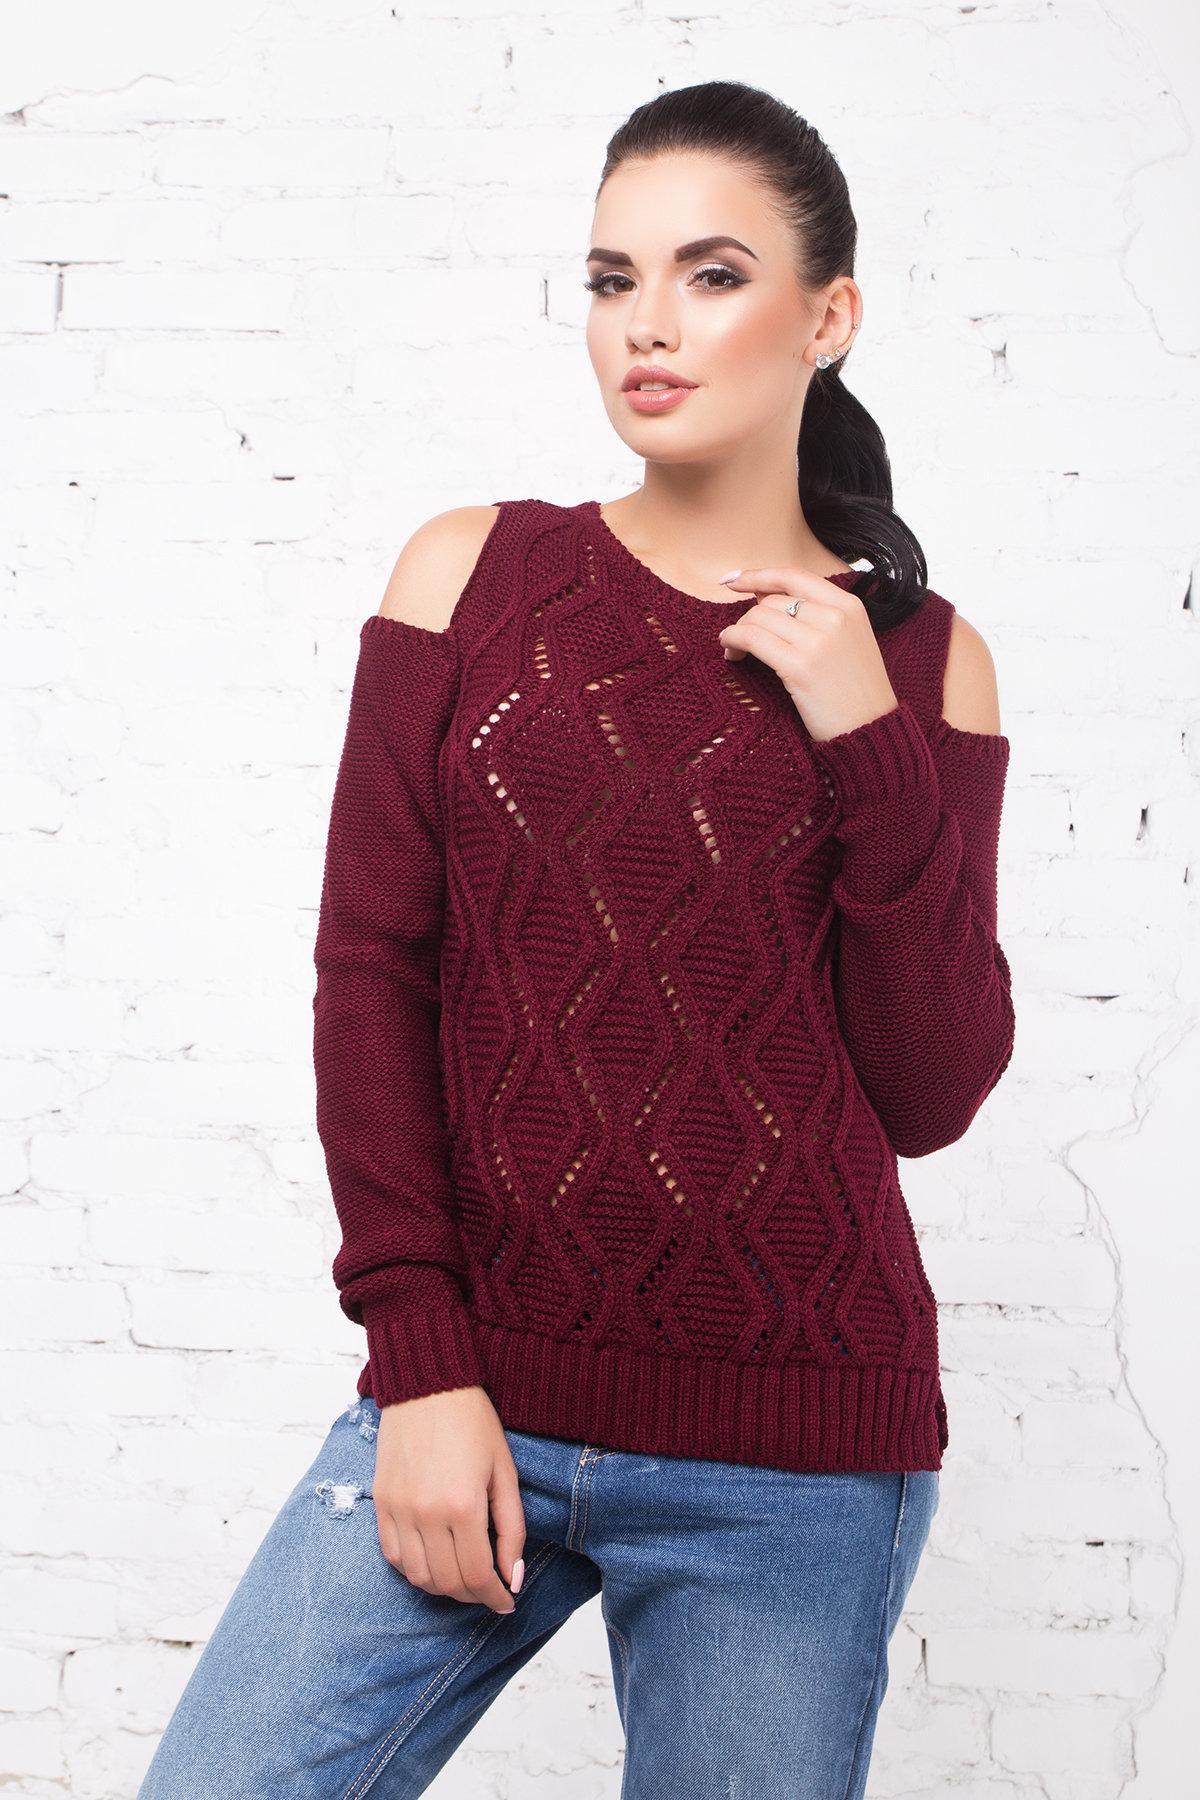 женский вязаный свитер Свитер плечо Лало